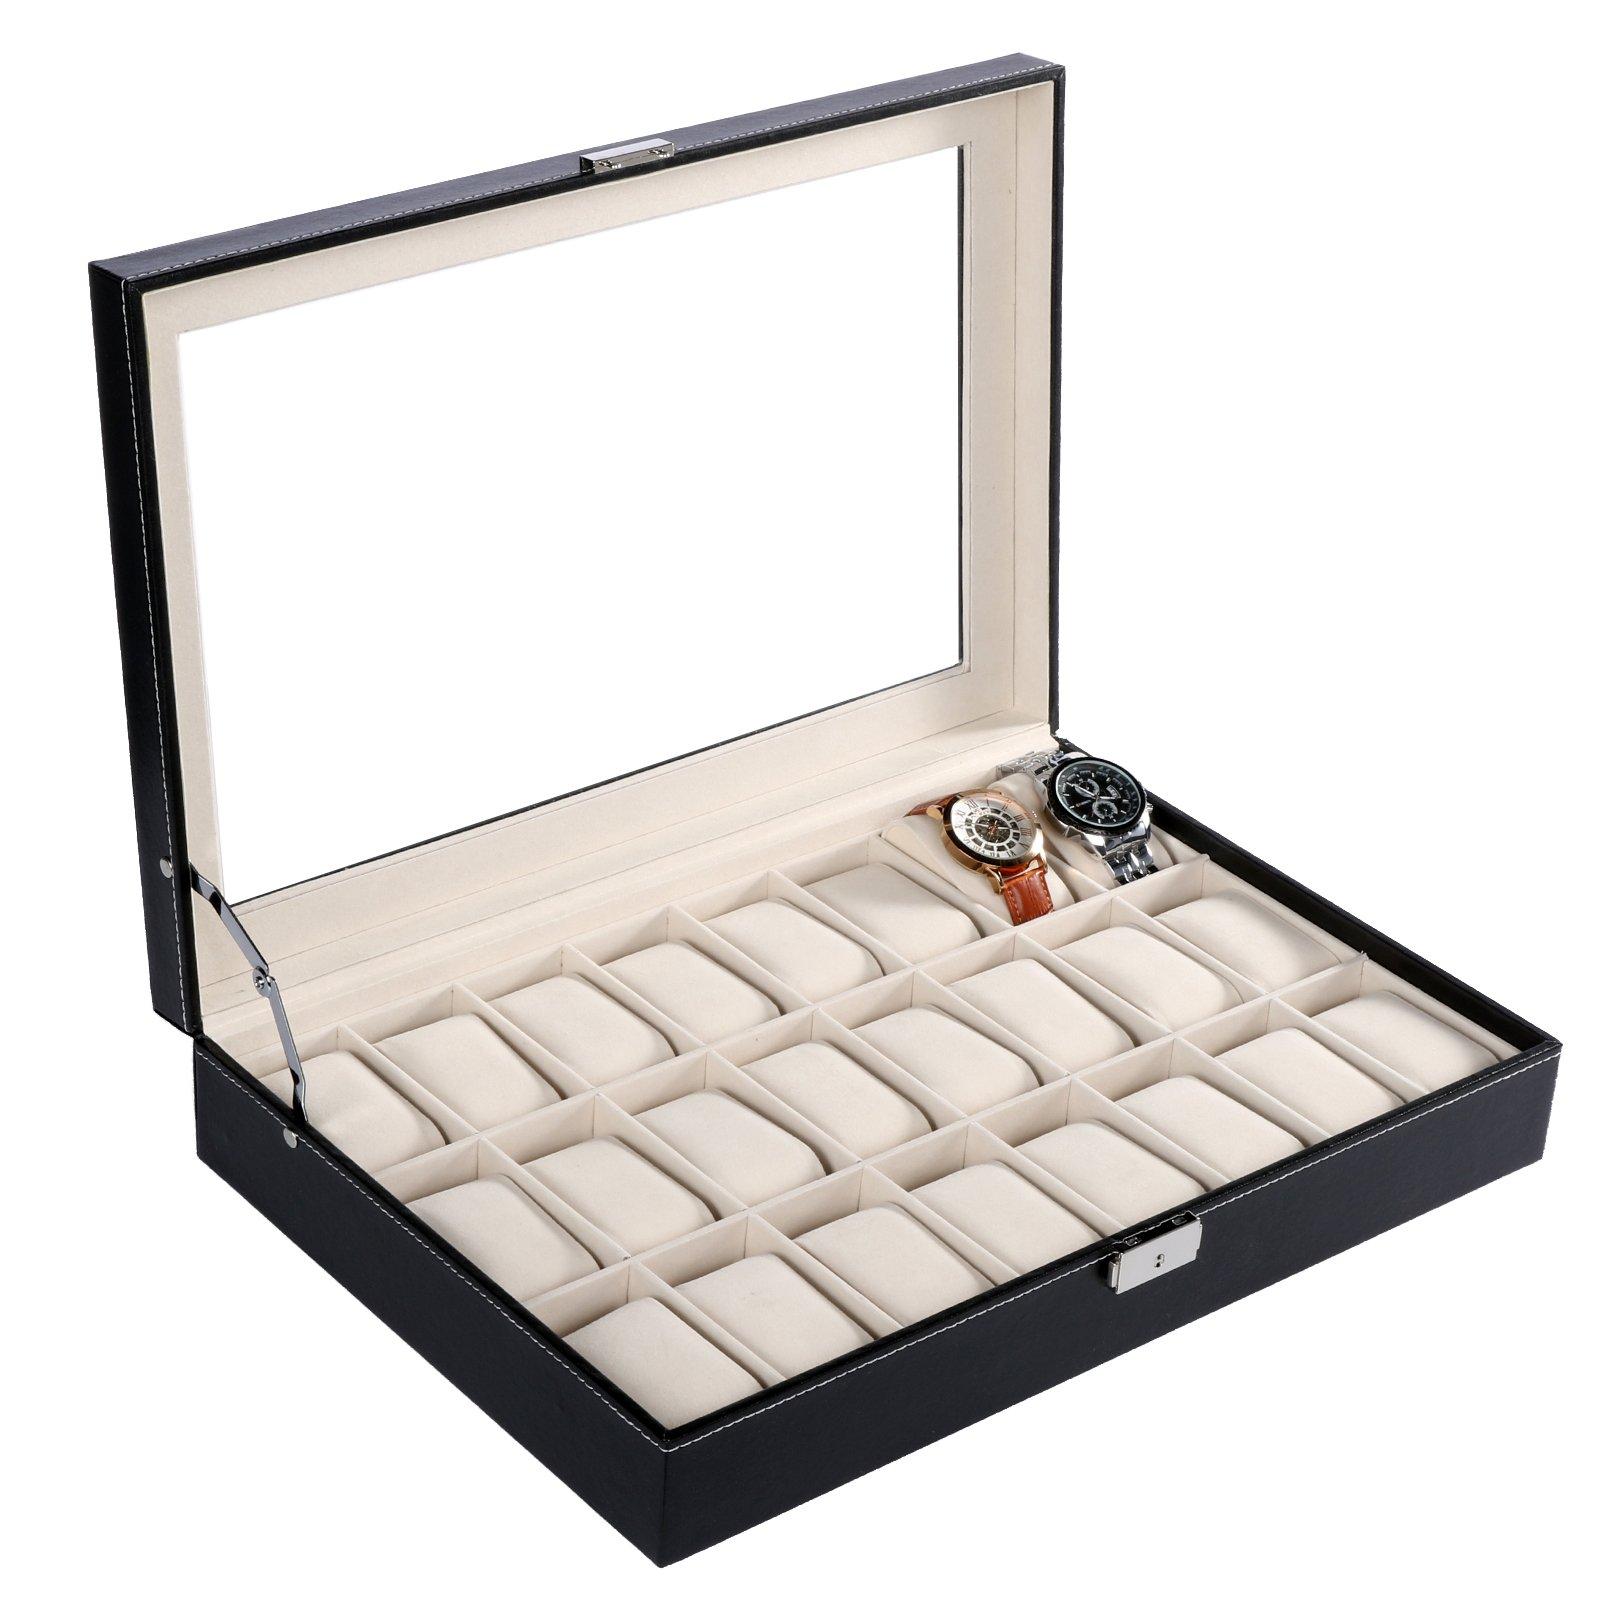 24 Slot PU Leather Watch Box/Watch Case/Jewelry Display Storage Organizer Box with Key&Lock, Glass Top